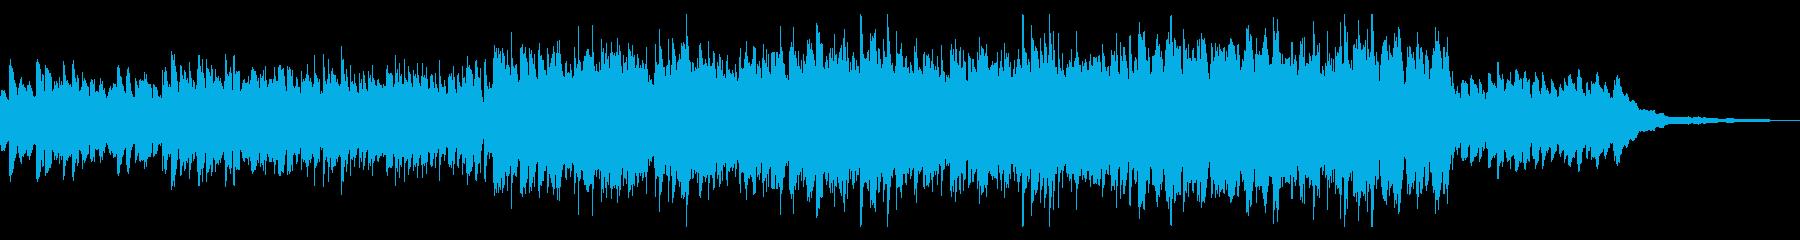 幻想的な響きのリラックスサウンドの再生済みの波形